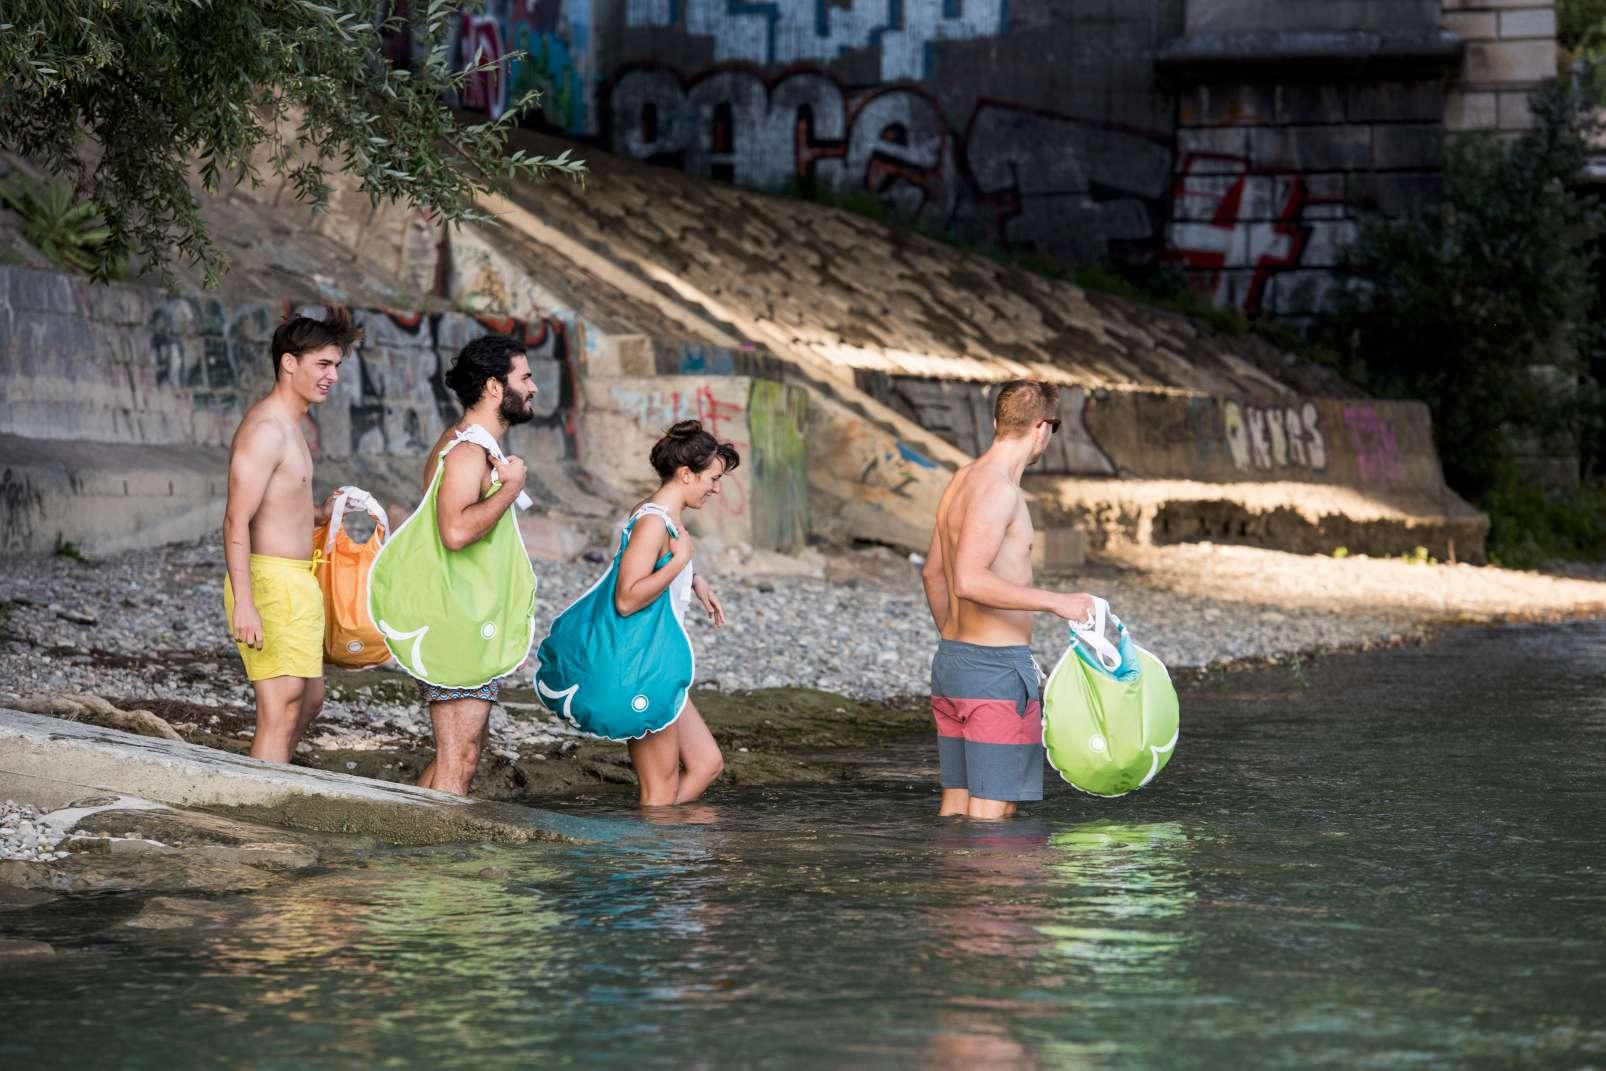 Basel swimming Rhine